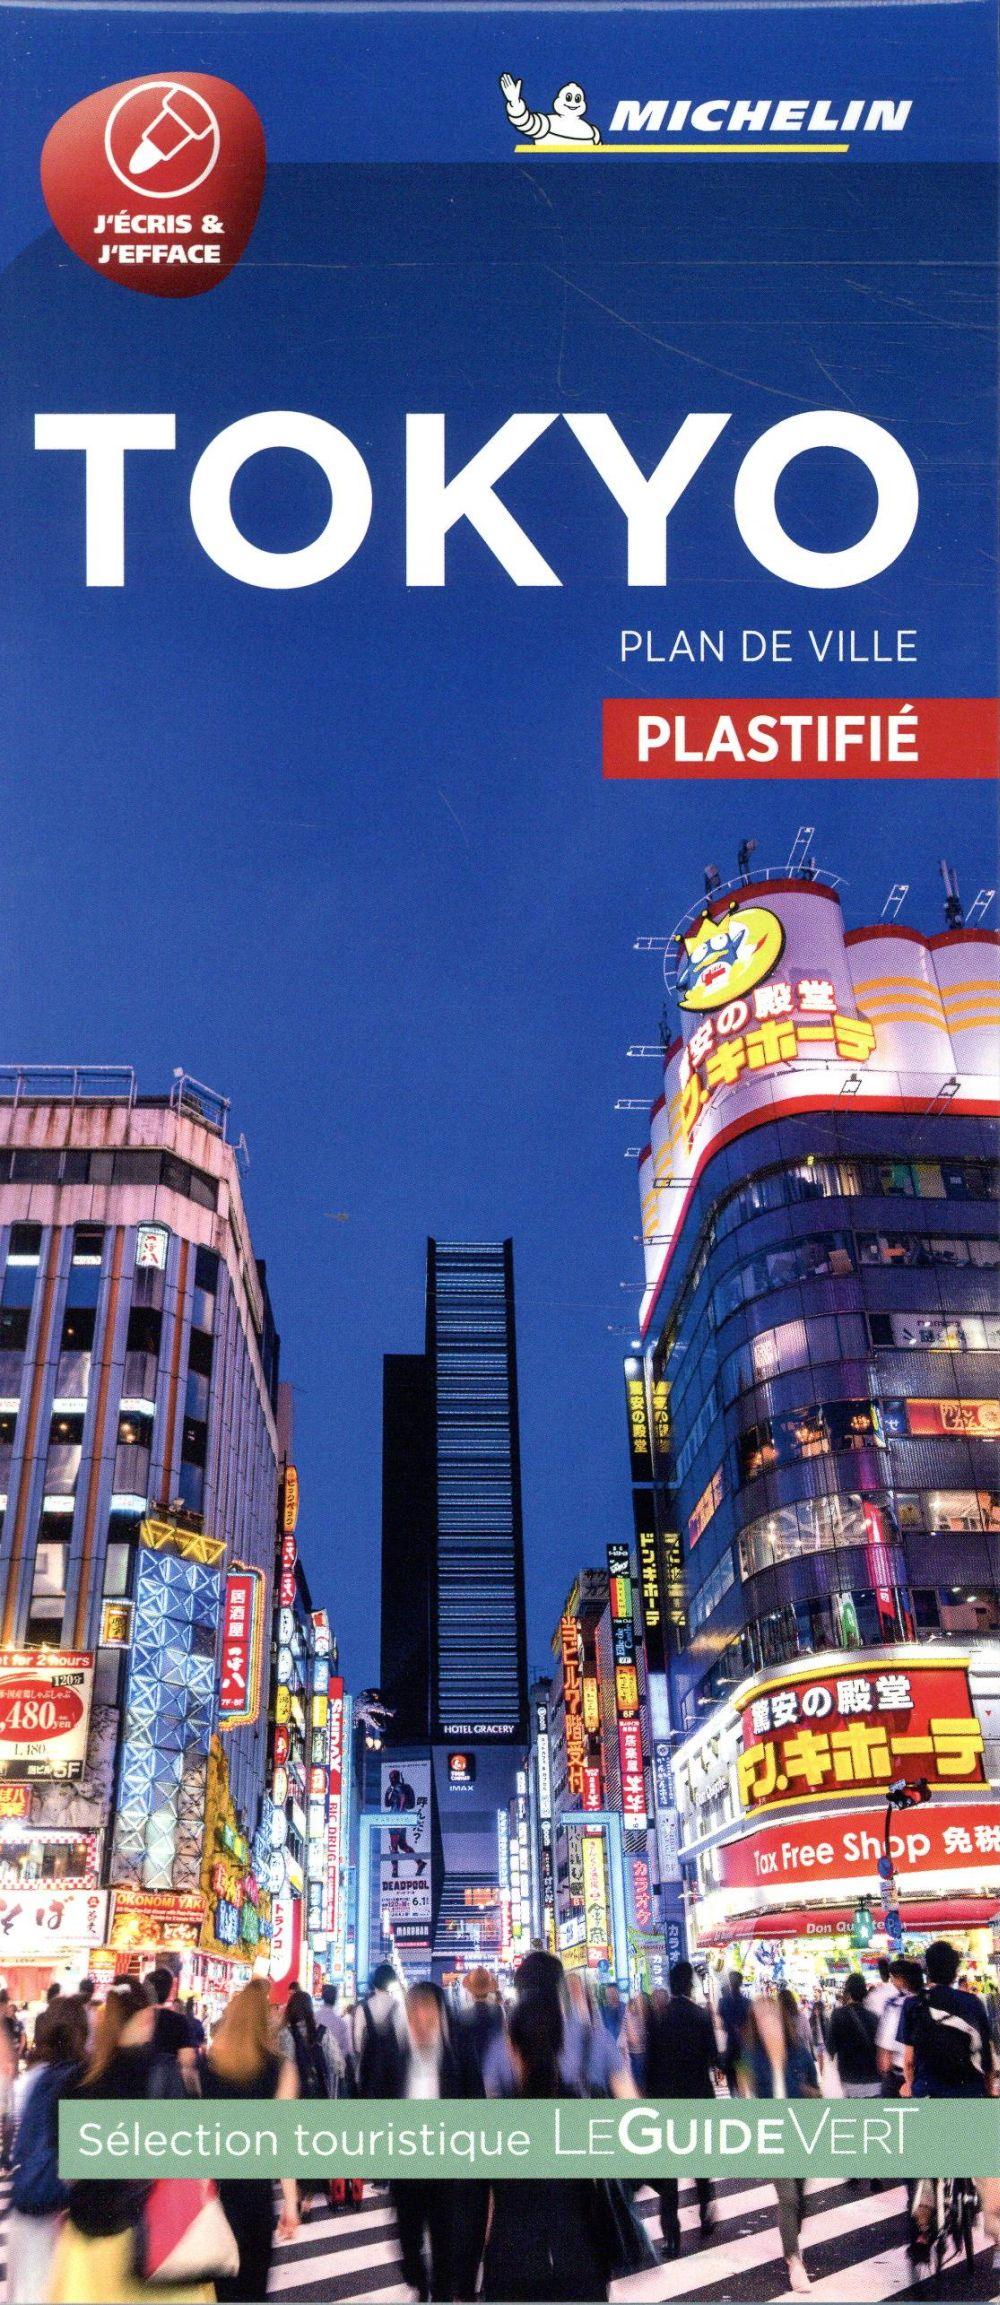 TOKYO - PLAN DE VILLE PLASTIFIE